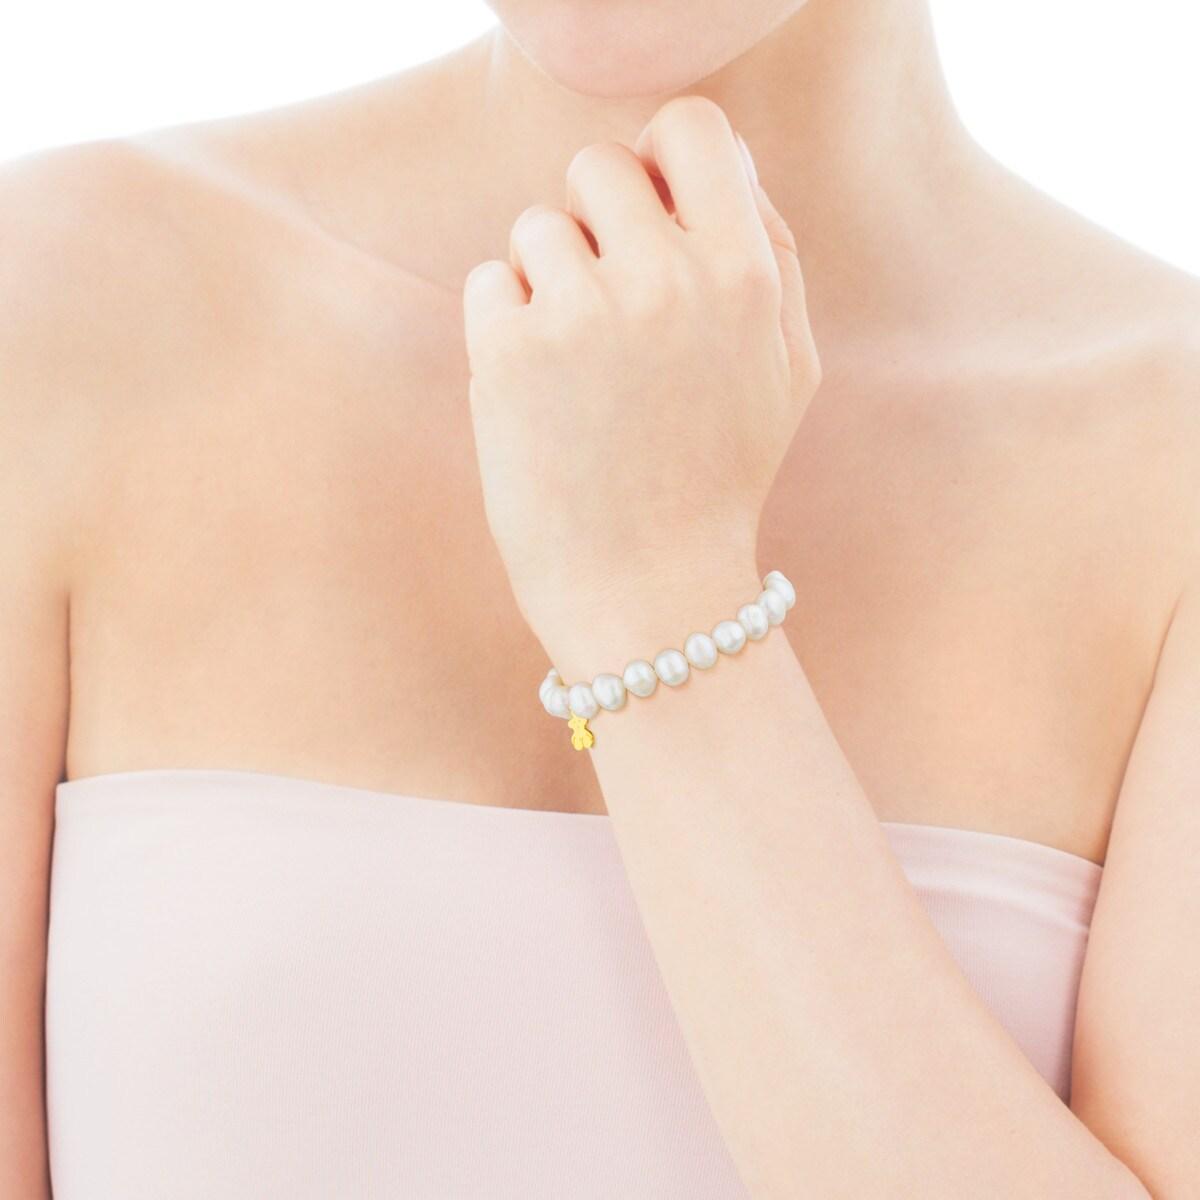 Braçalet TOUS Pearls de Plata Vermeil